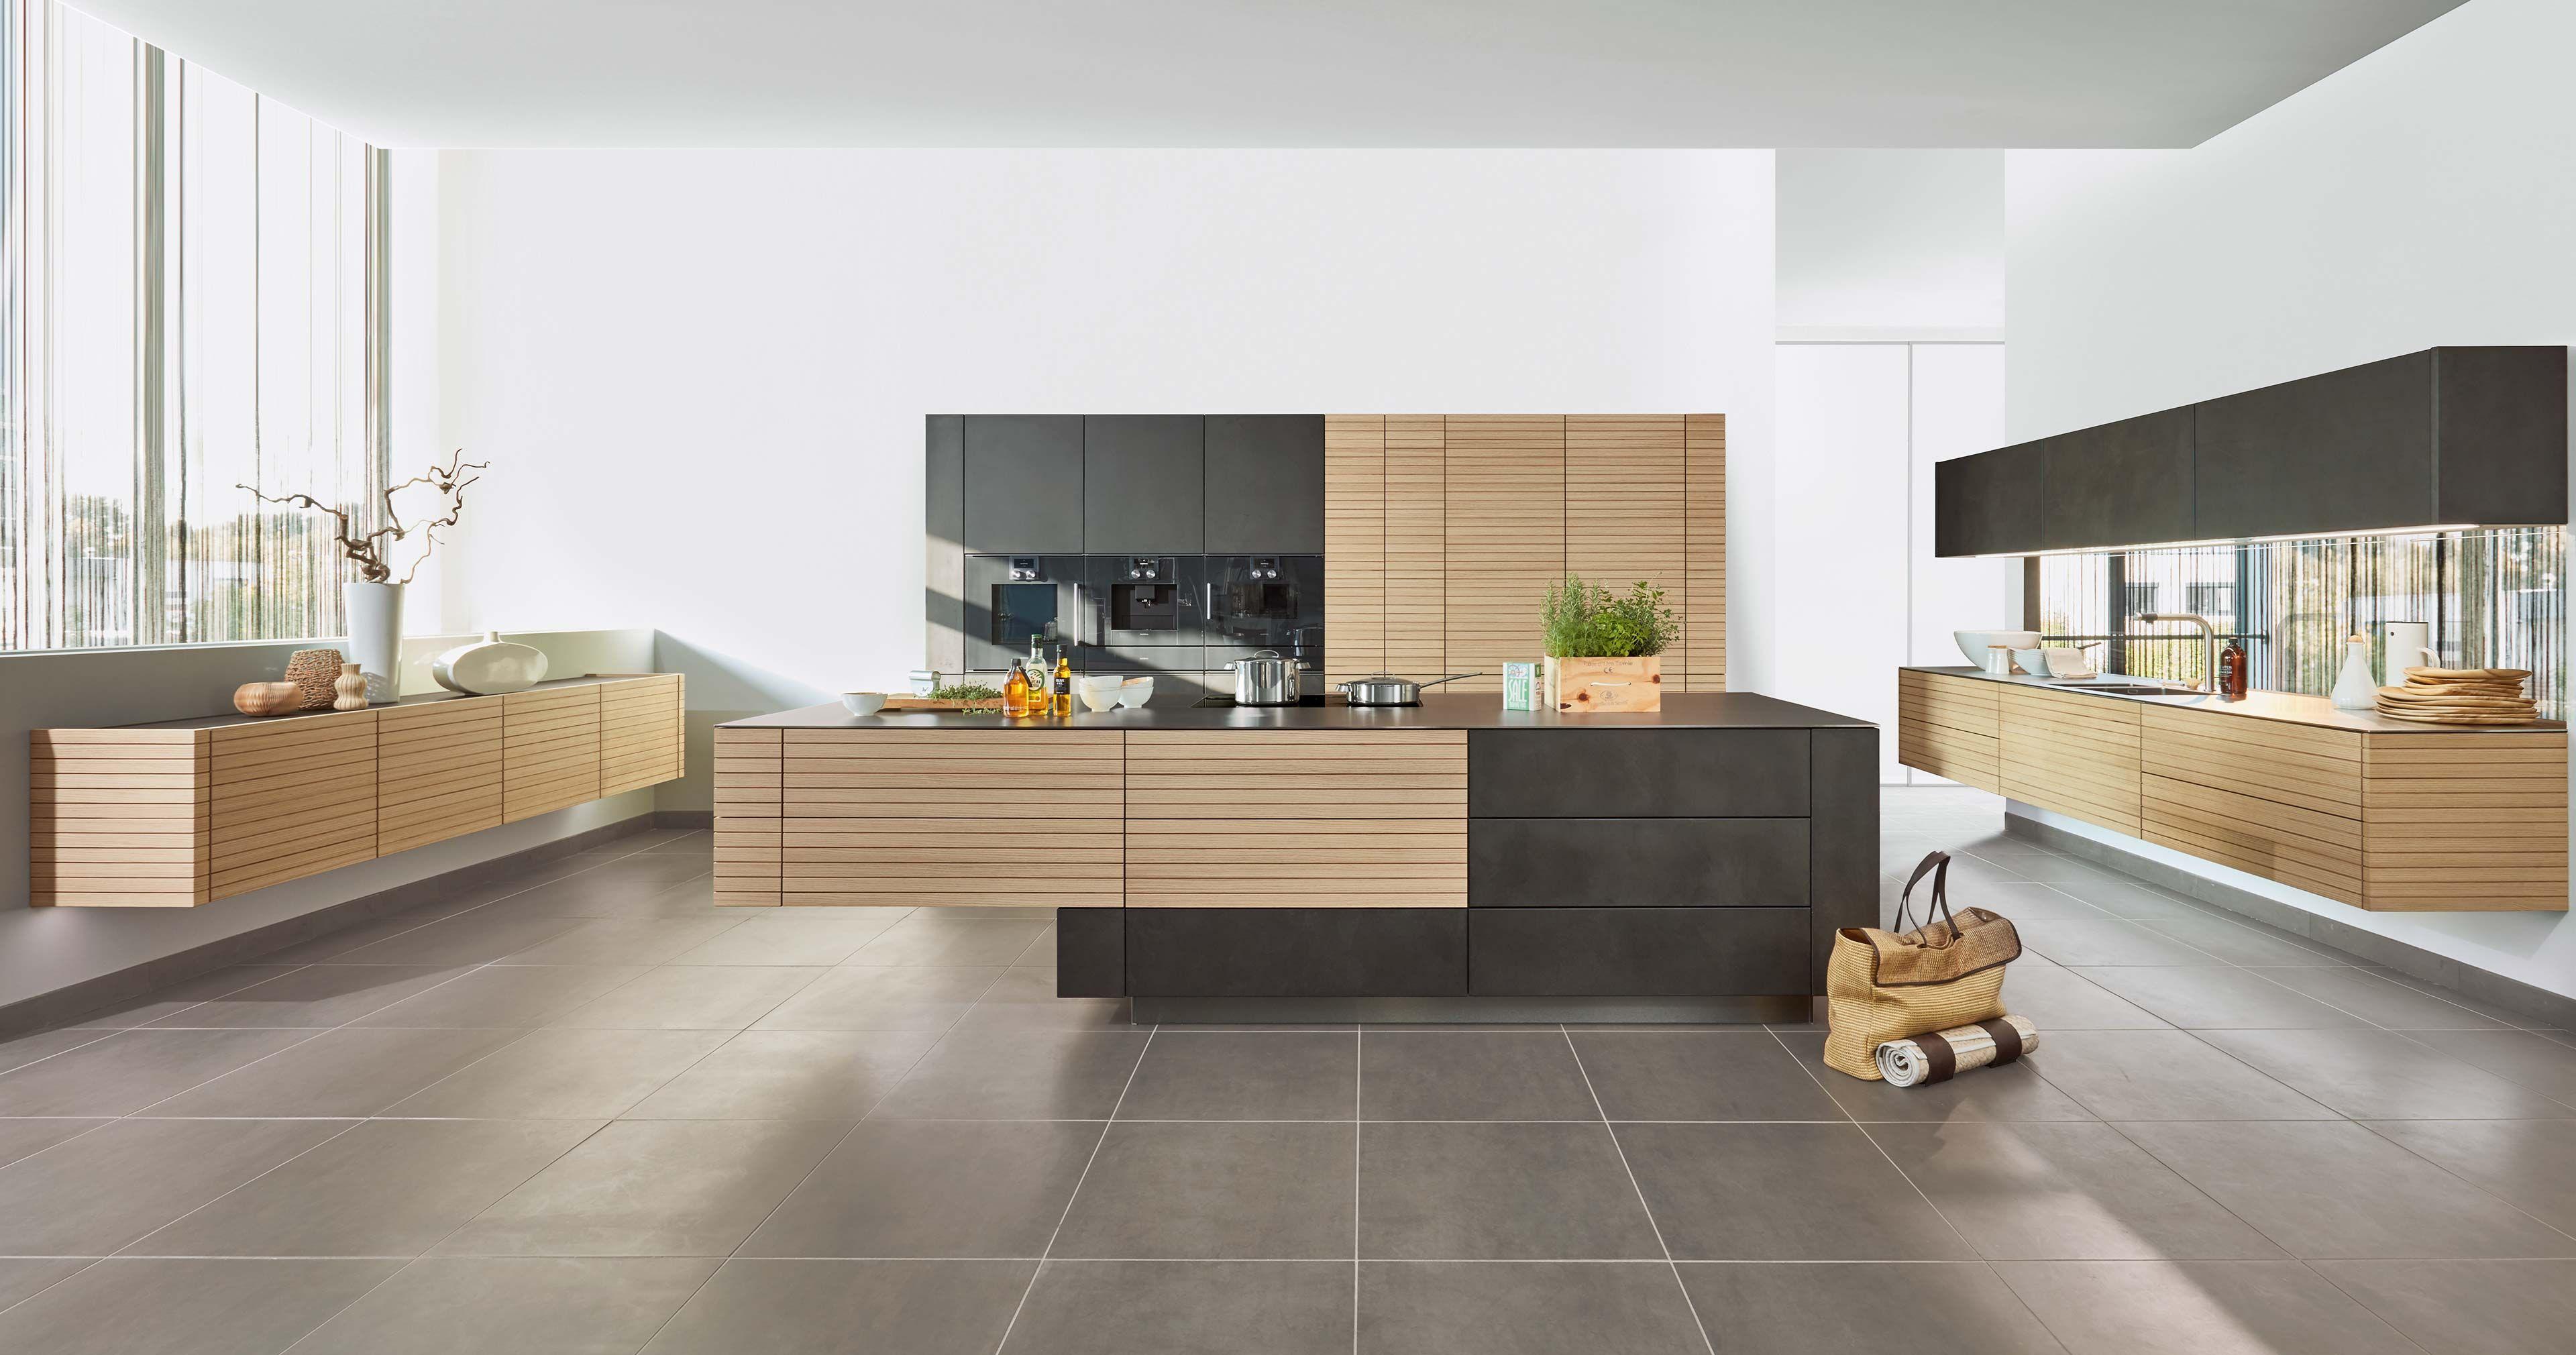 Woodline.one neu | zeyko Küchen | Boehnke | Pinterest | Concrete ...